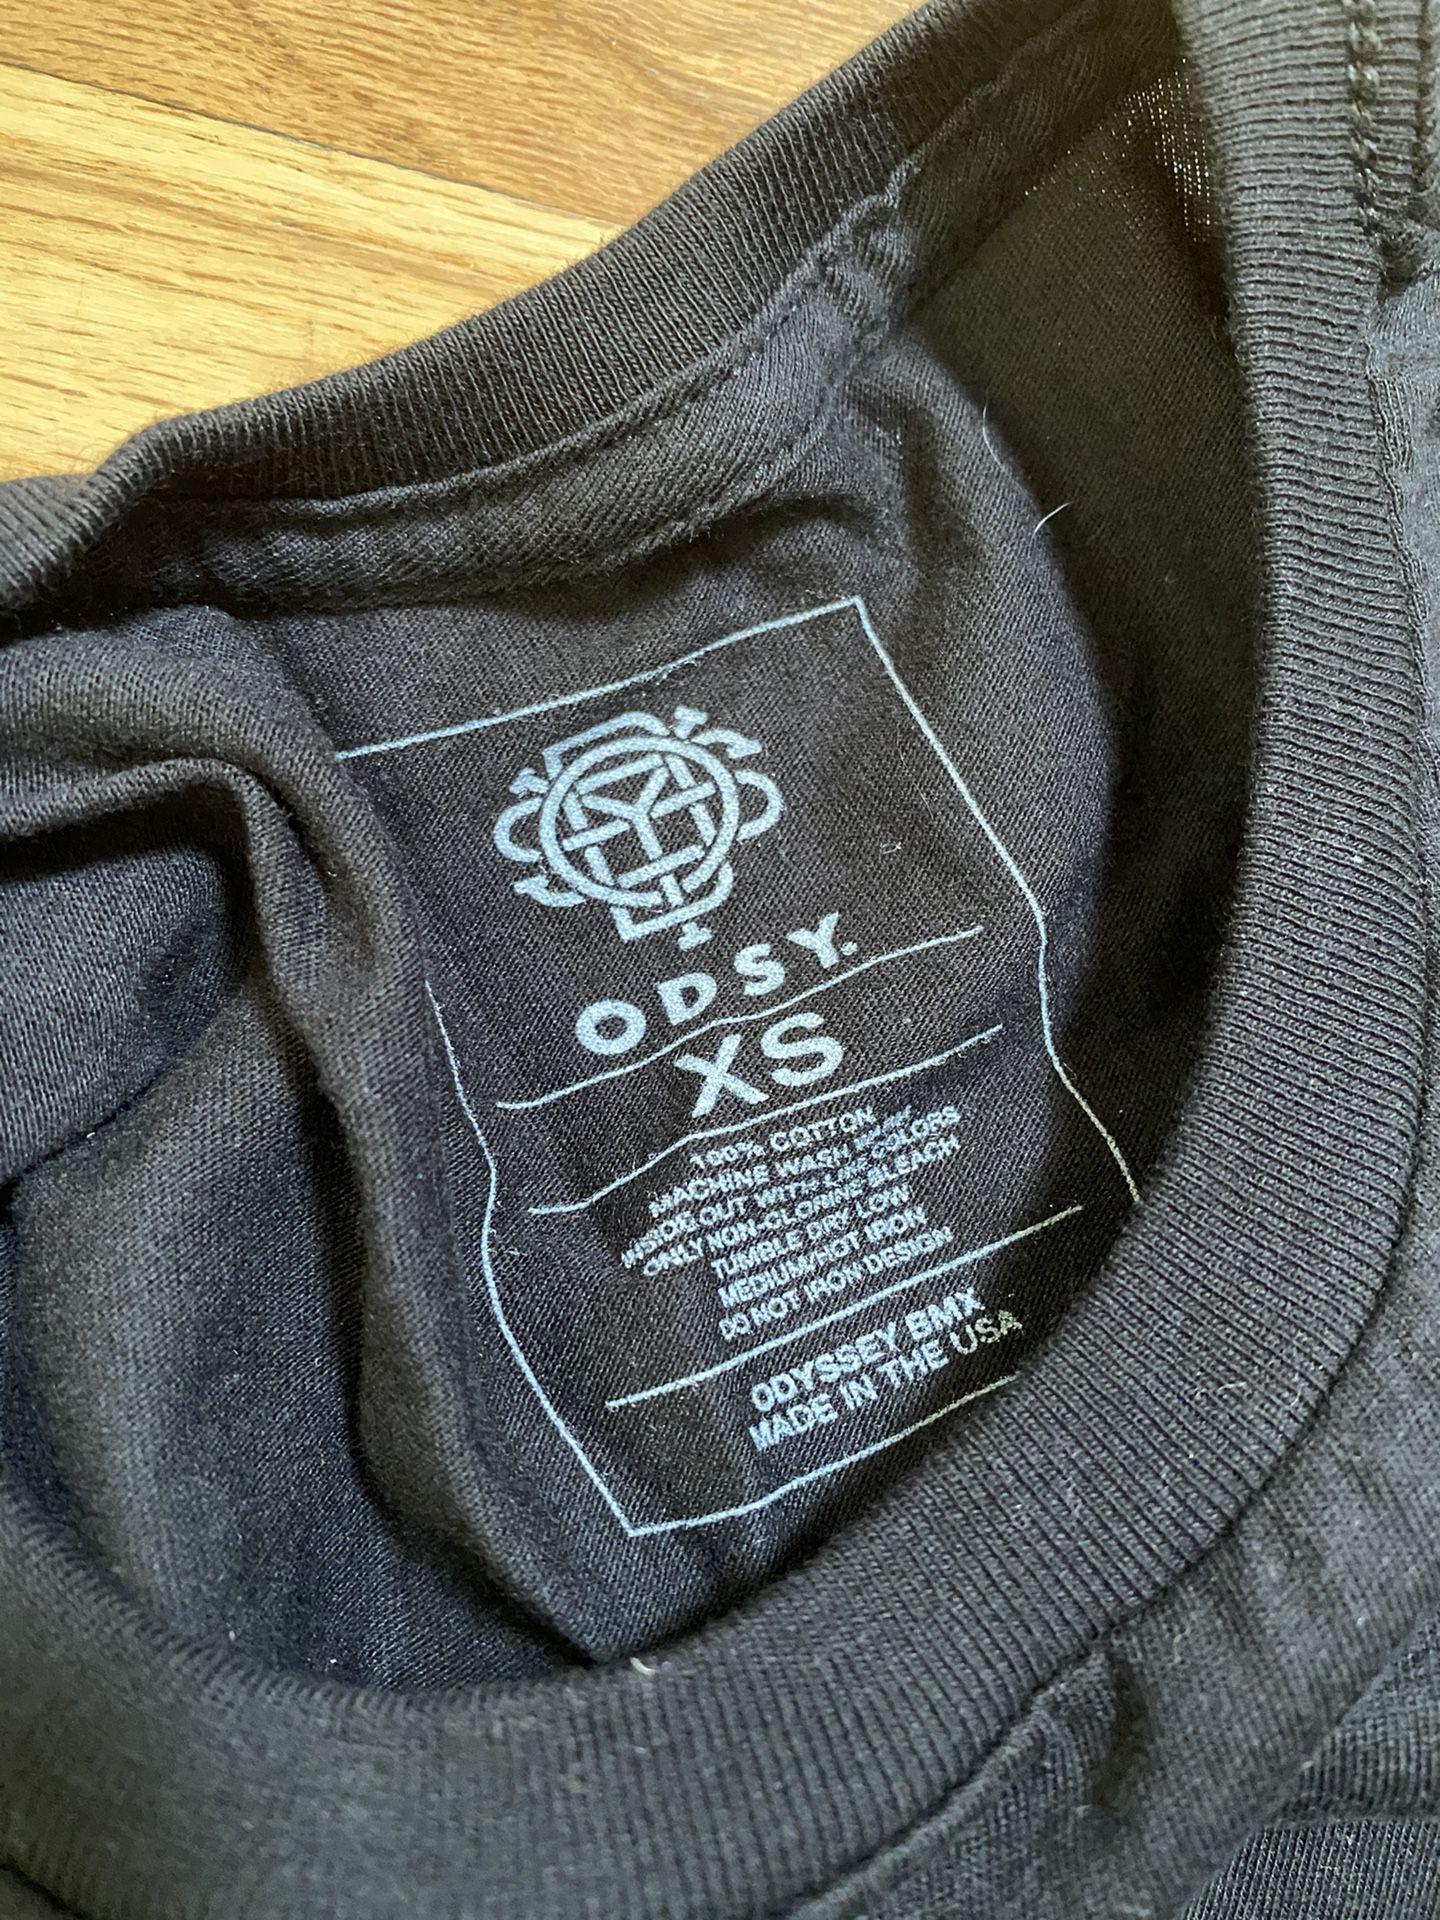 Odyssey BMX T-Shirt